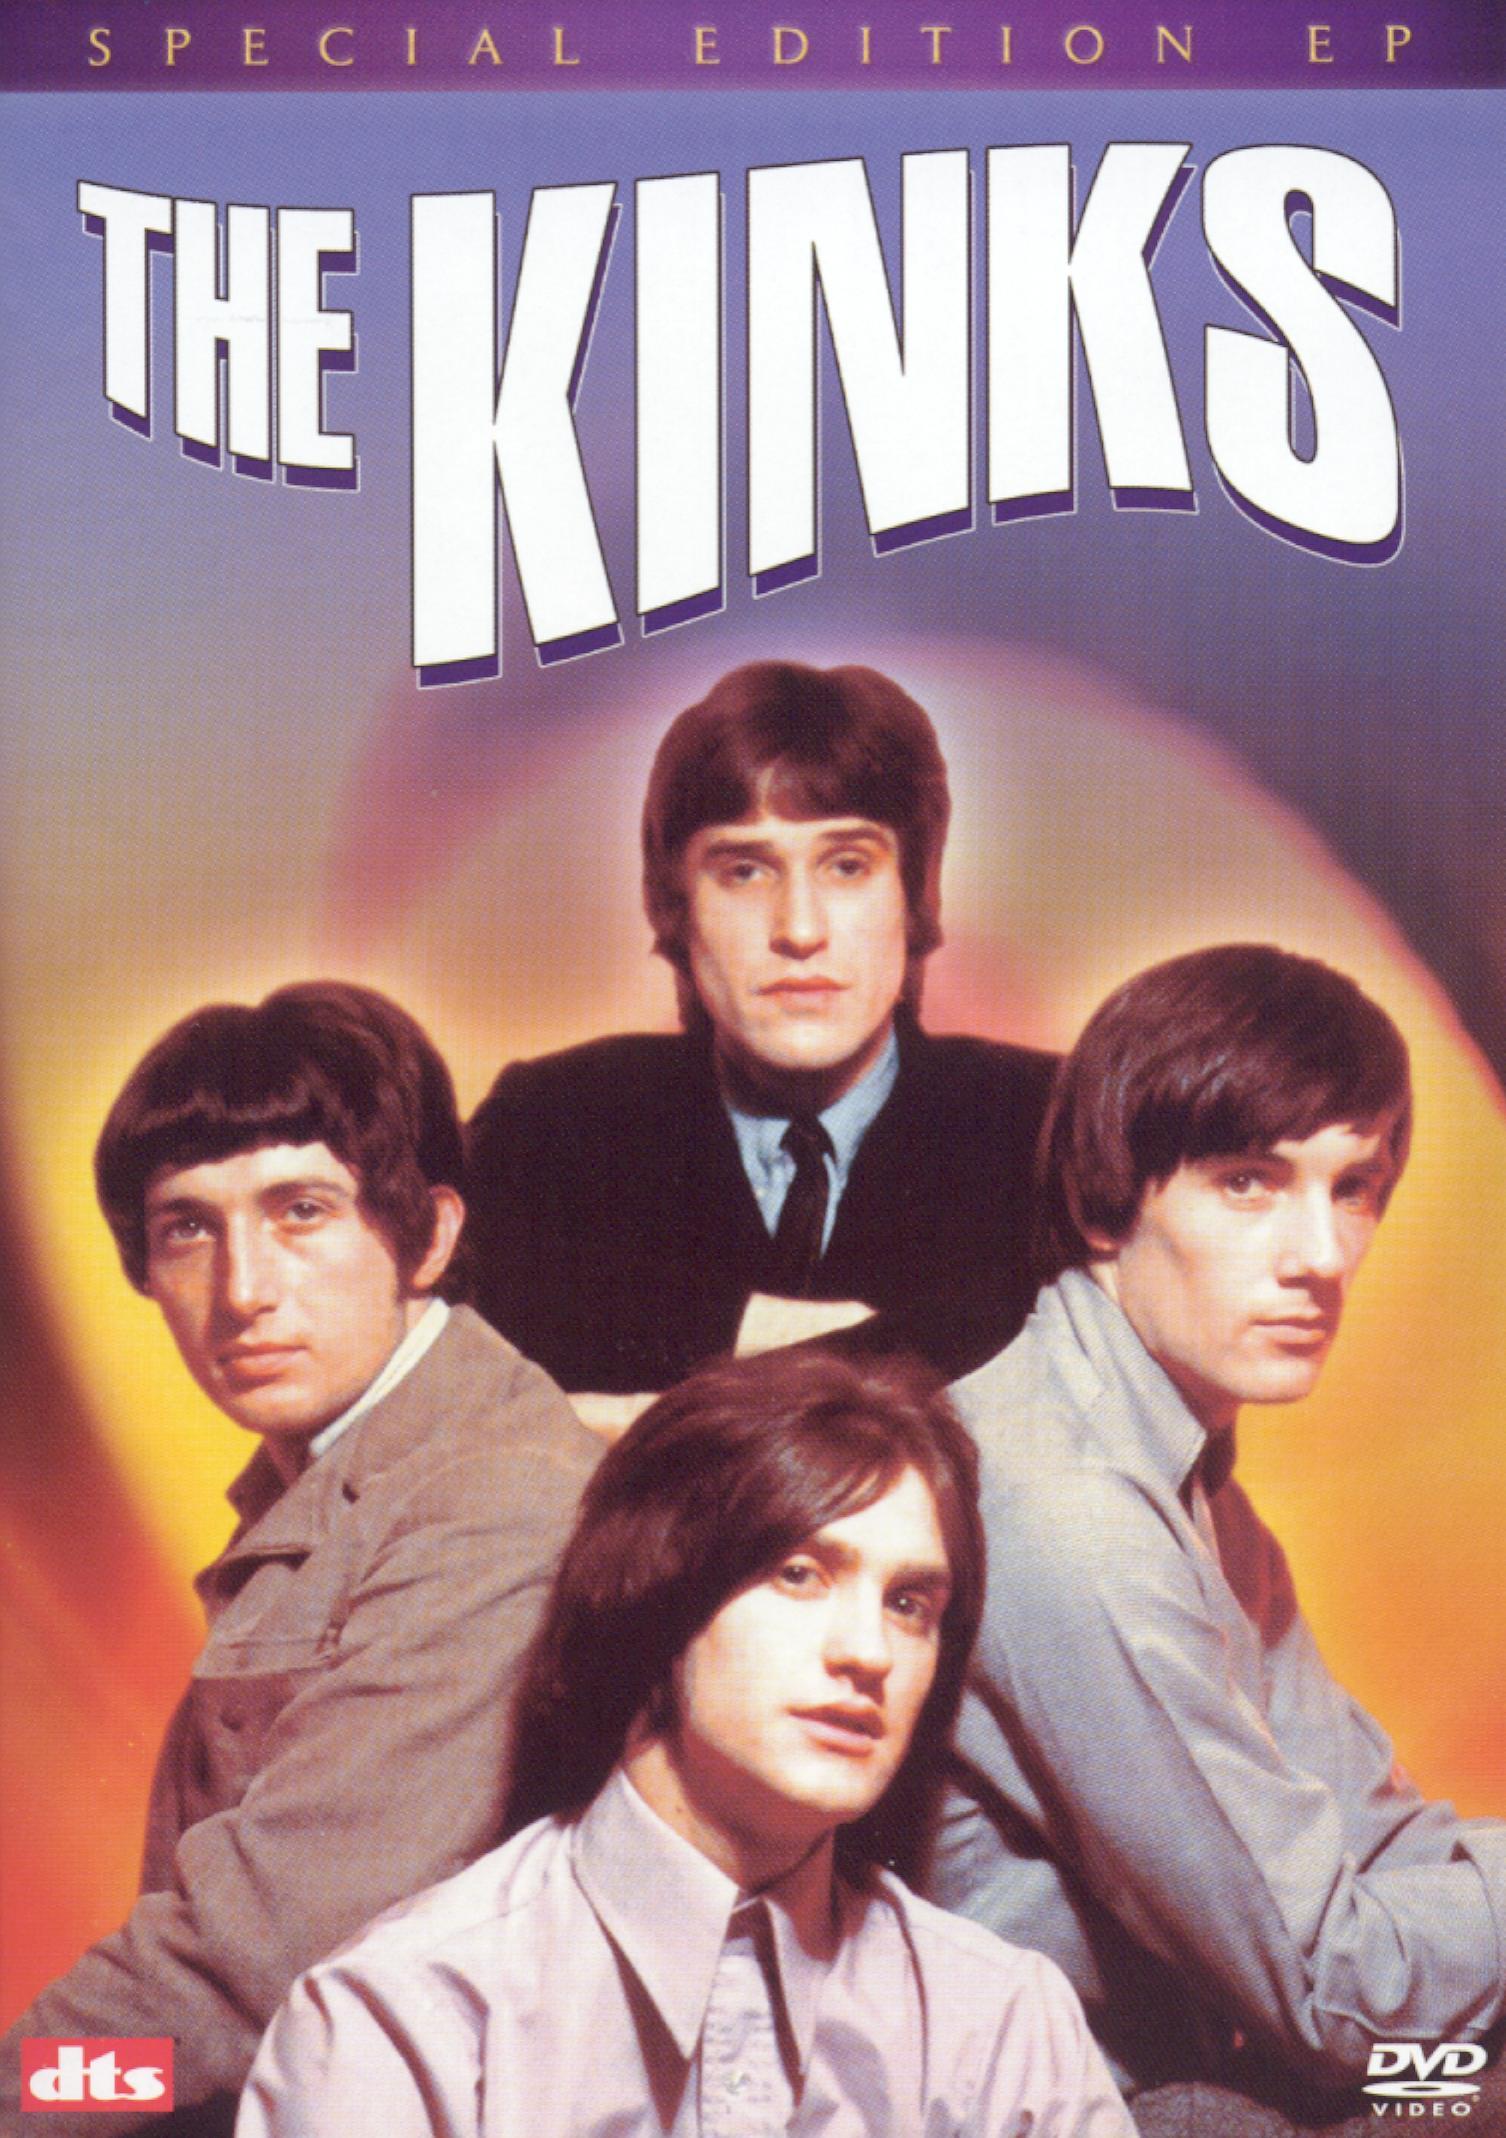 Kinks EP